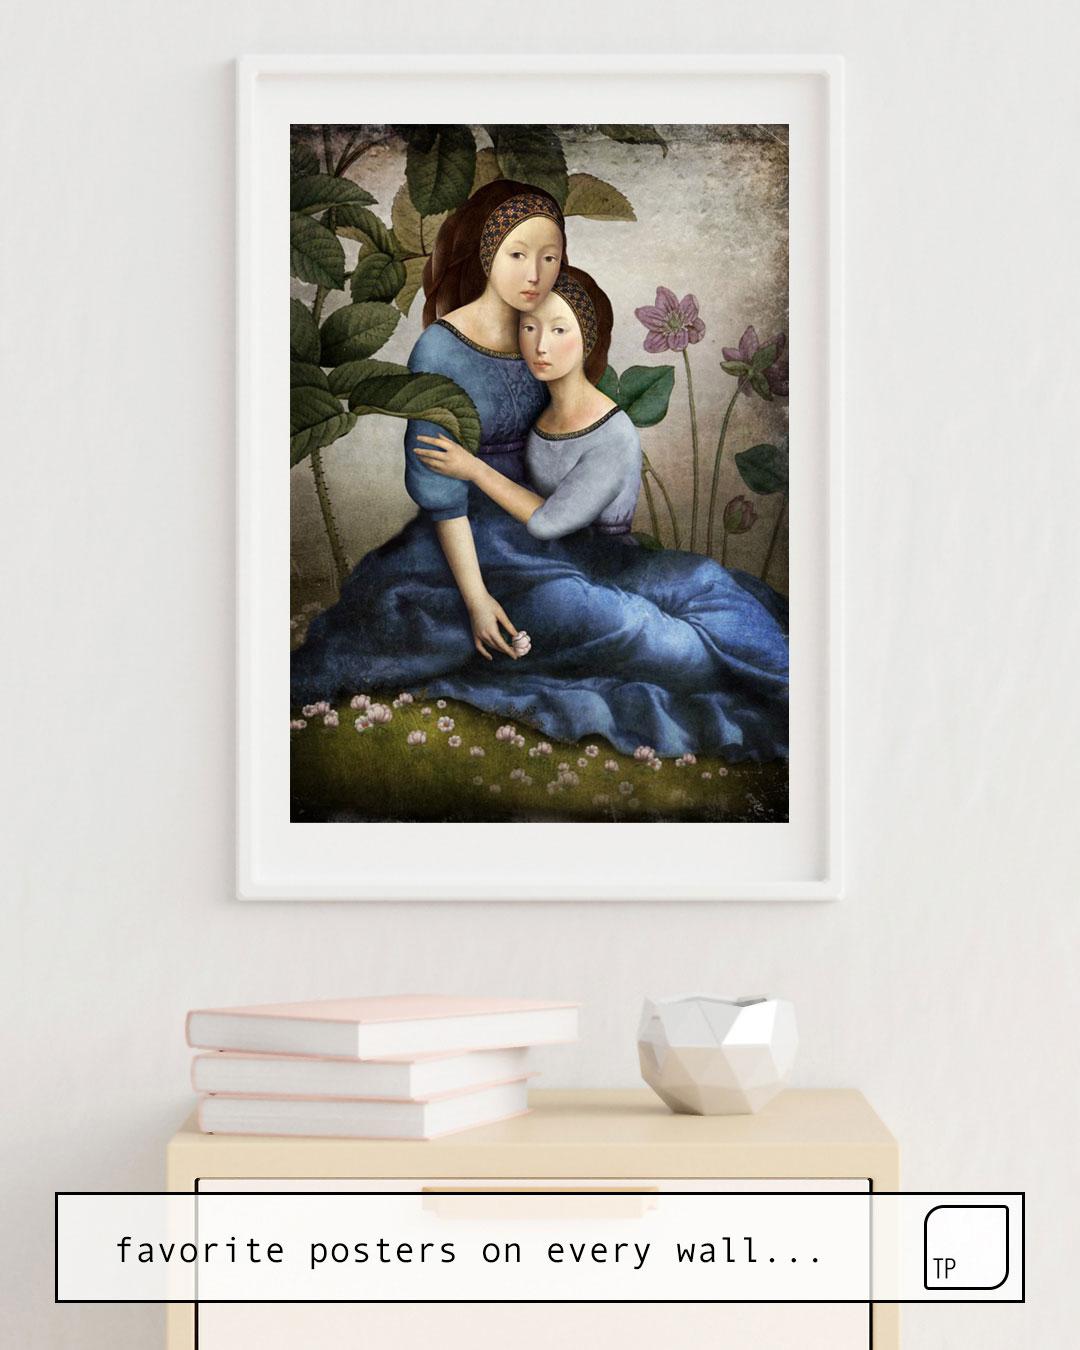 La foto muestra un ejemplo de decoración con el motivo BY YOUR SIDE por Christian Schloe como un mural